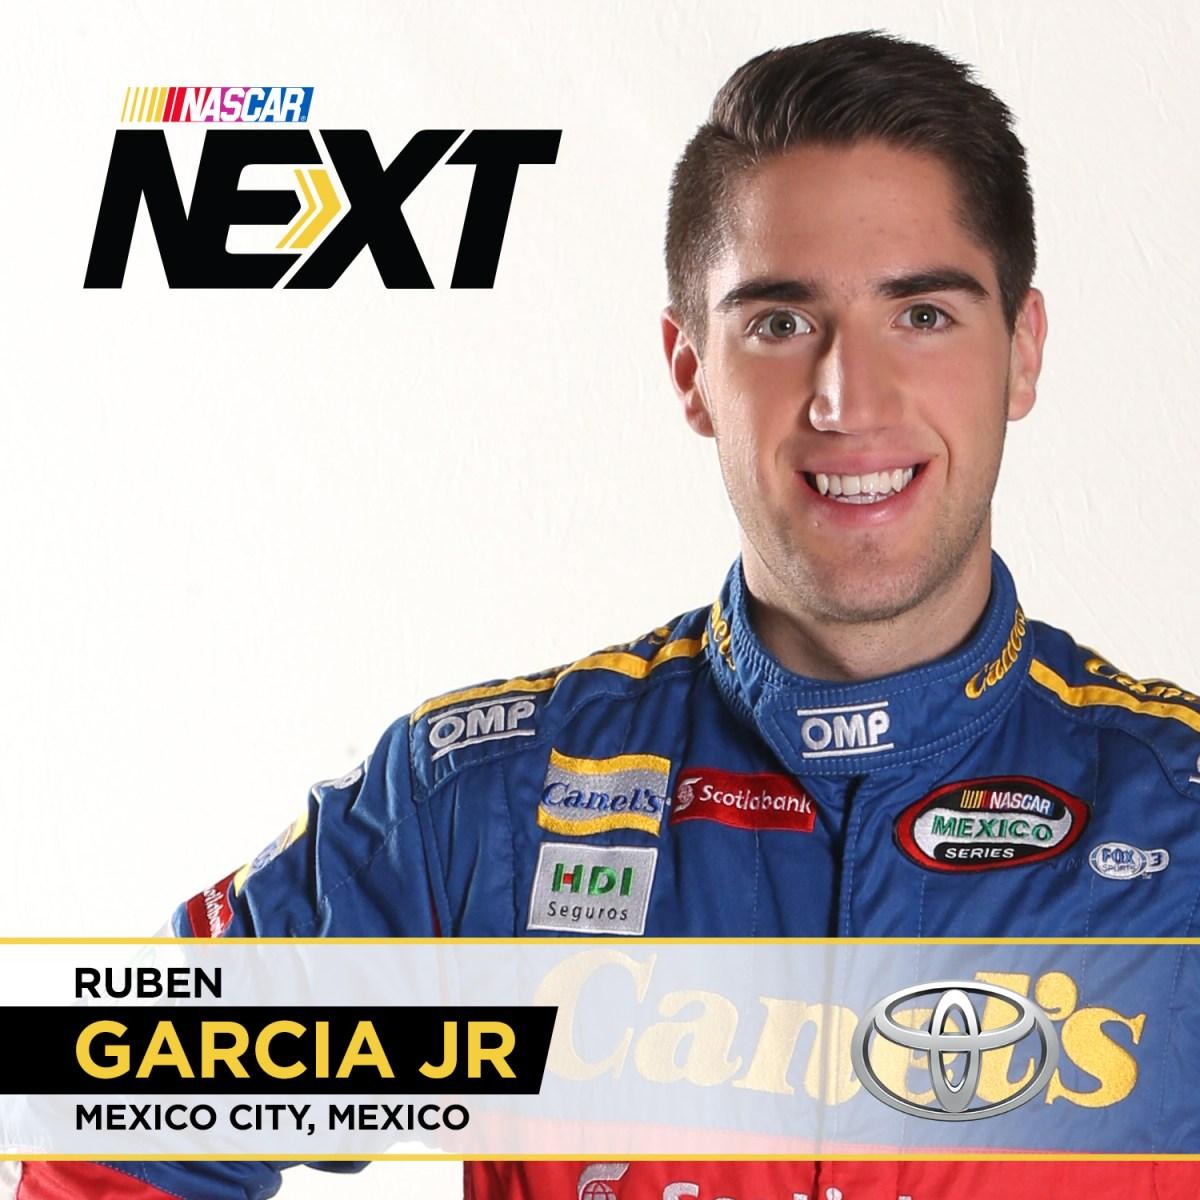 Ruben Garcia Jr.